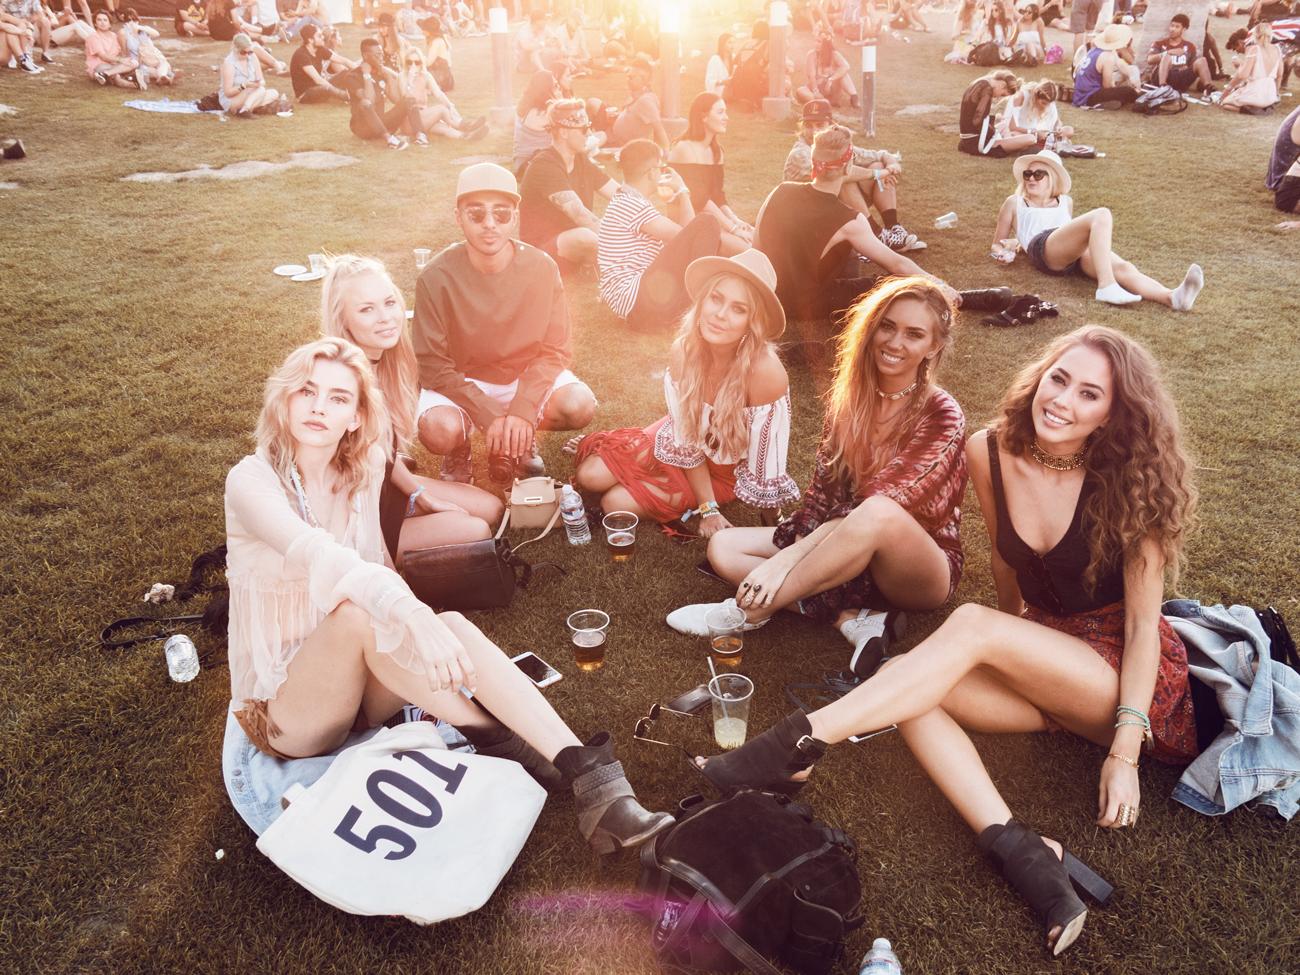 Kenza_Zouiten_Coachella_Day2_07